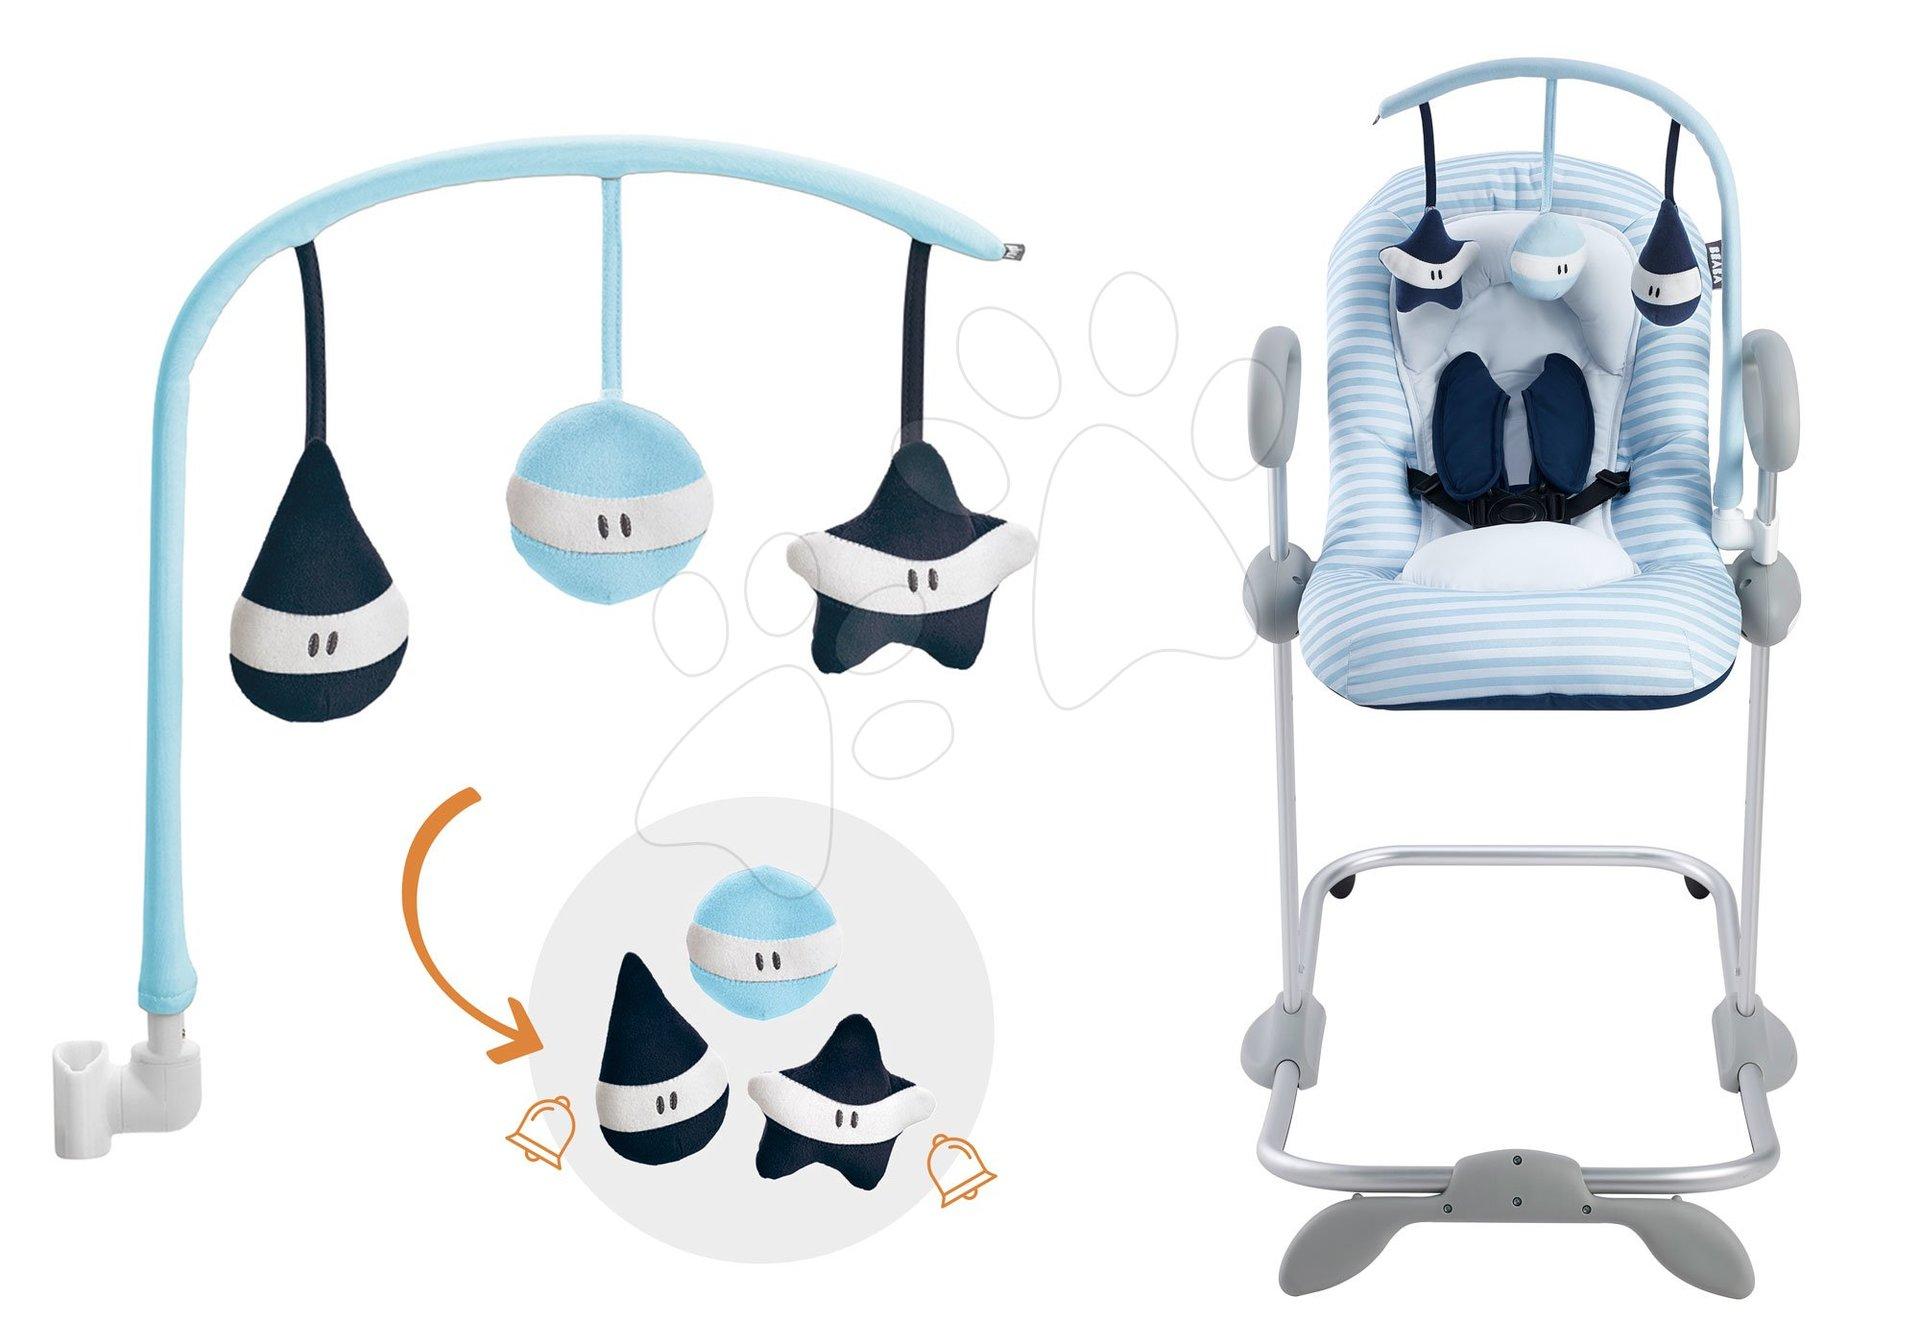 Set detské polohovateľné lehátko Up & Down III Blue Beaba od 0 mesiacov a kolotoč nad lehátko Beaba Play modrý